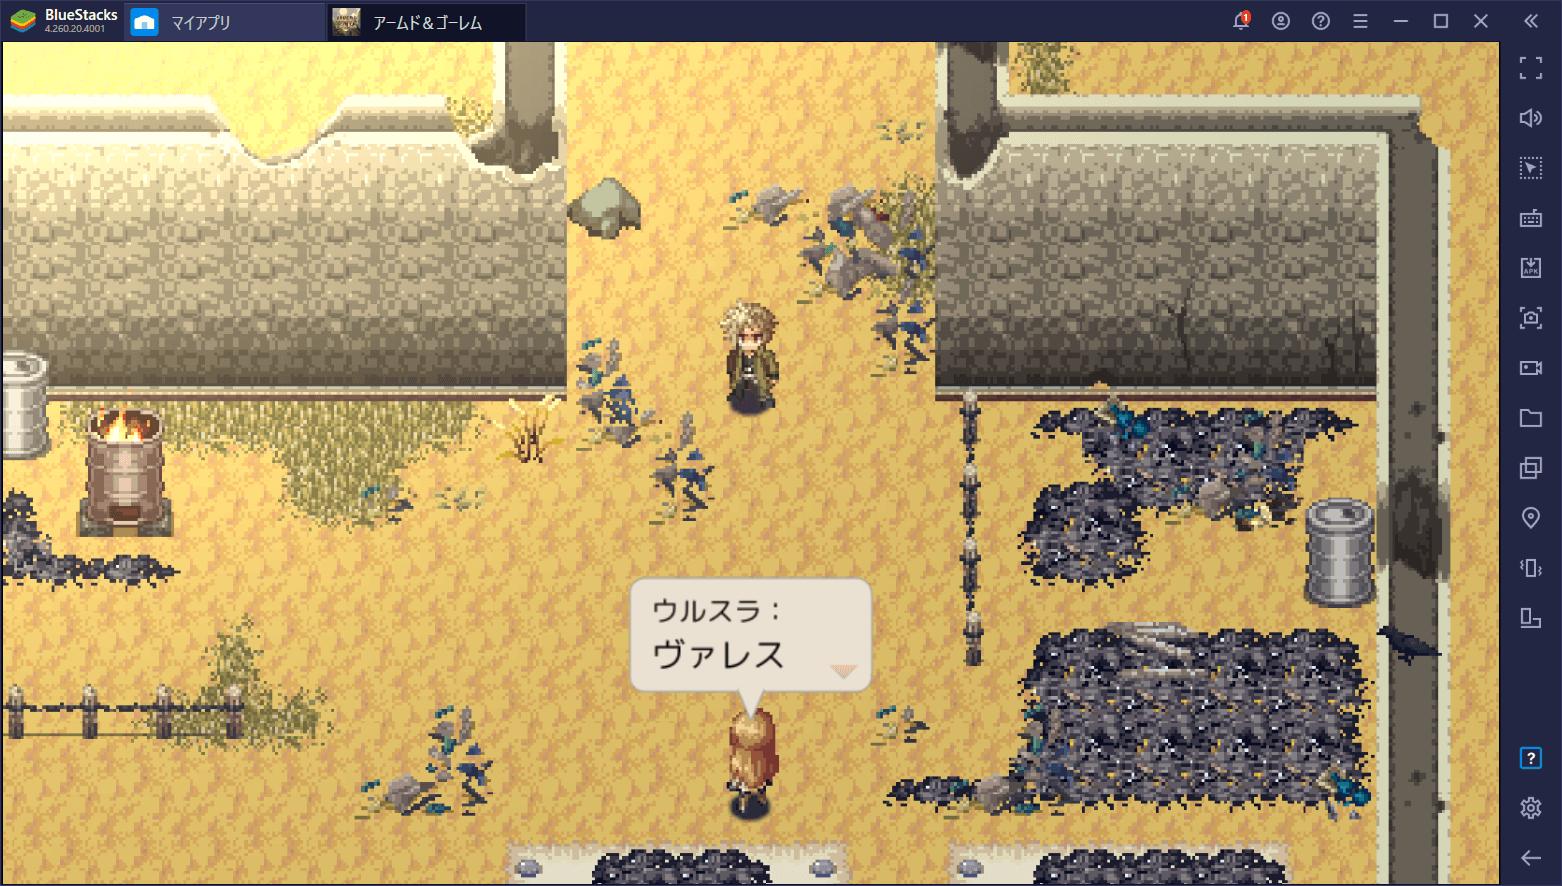 BlueStacksを使ってPCで『RPG アームド&ゴーレム』を遊ぼう